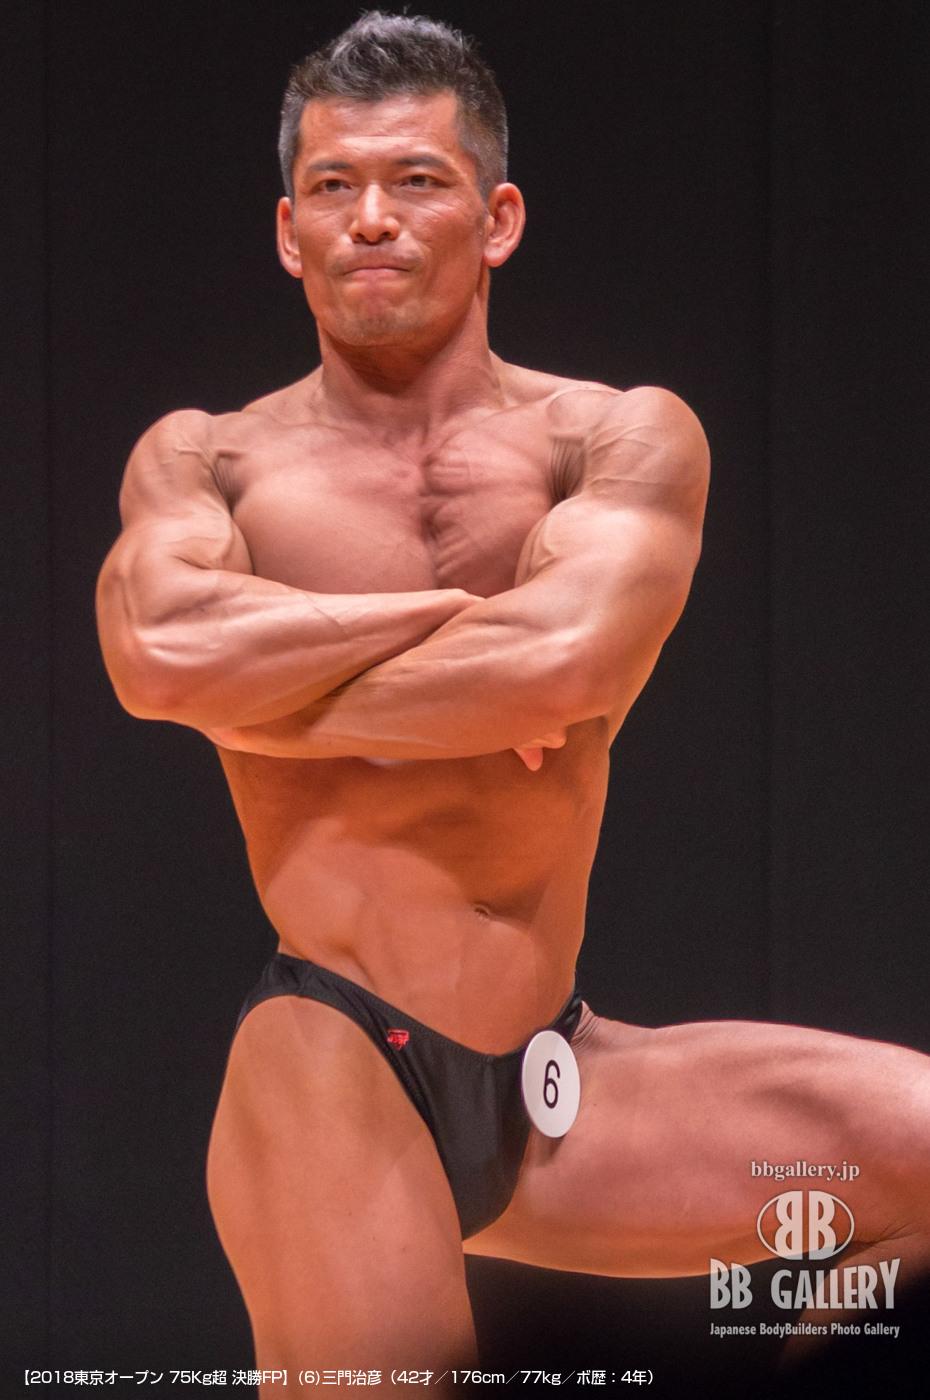 【2018東京オープン 75Kg超 決勝FP】(6)三門治彦(42才/176cm/77kg/ボ歴:4年)